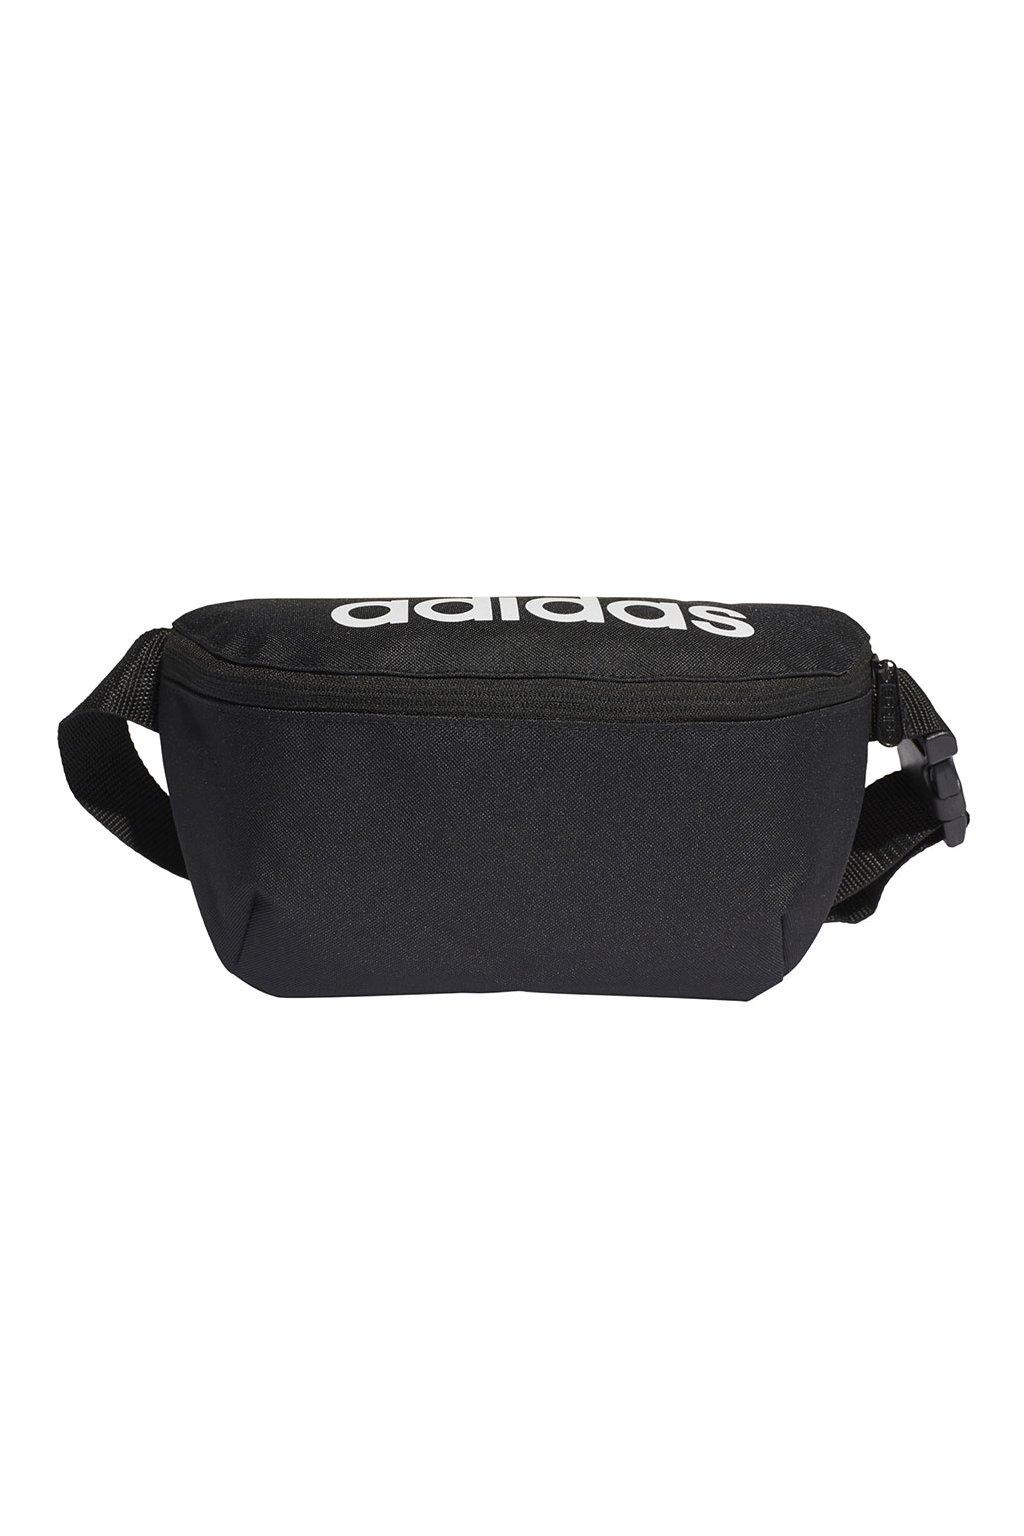 Ľadvinka Adidas Daily Waistbag čierna GE1113